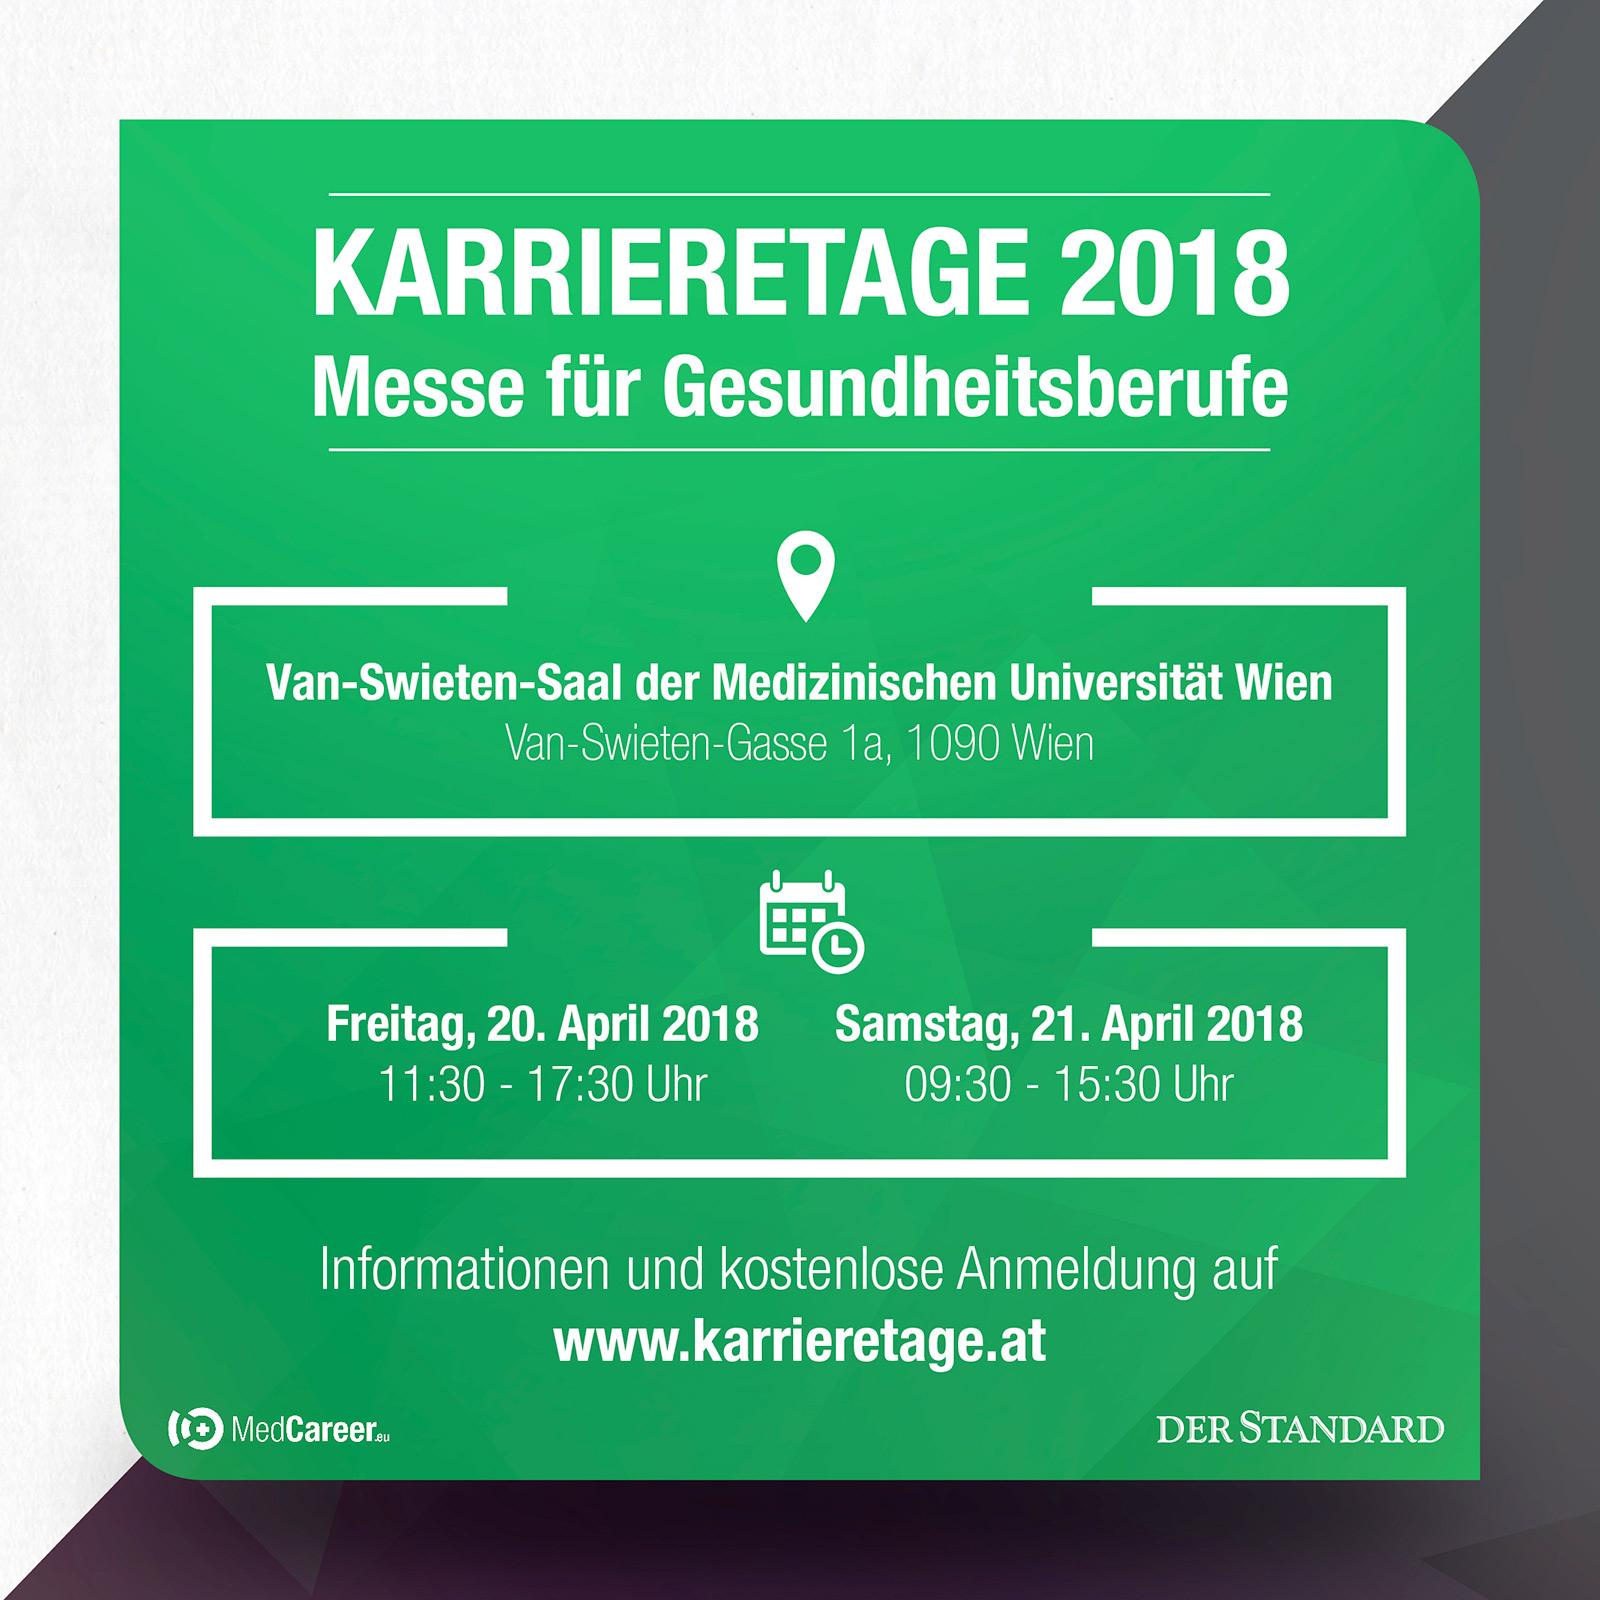 Karrieretage 2018 - Die Messe für Gesundheitsberufe in Wien